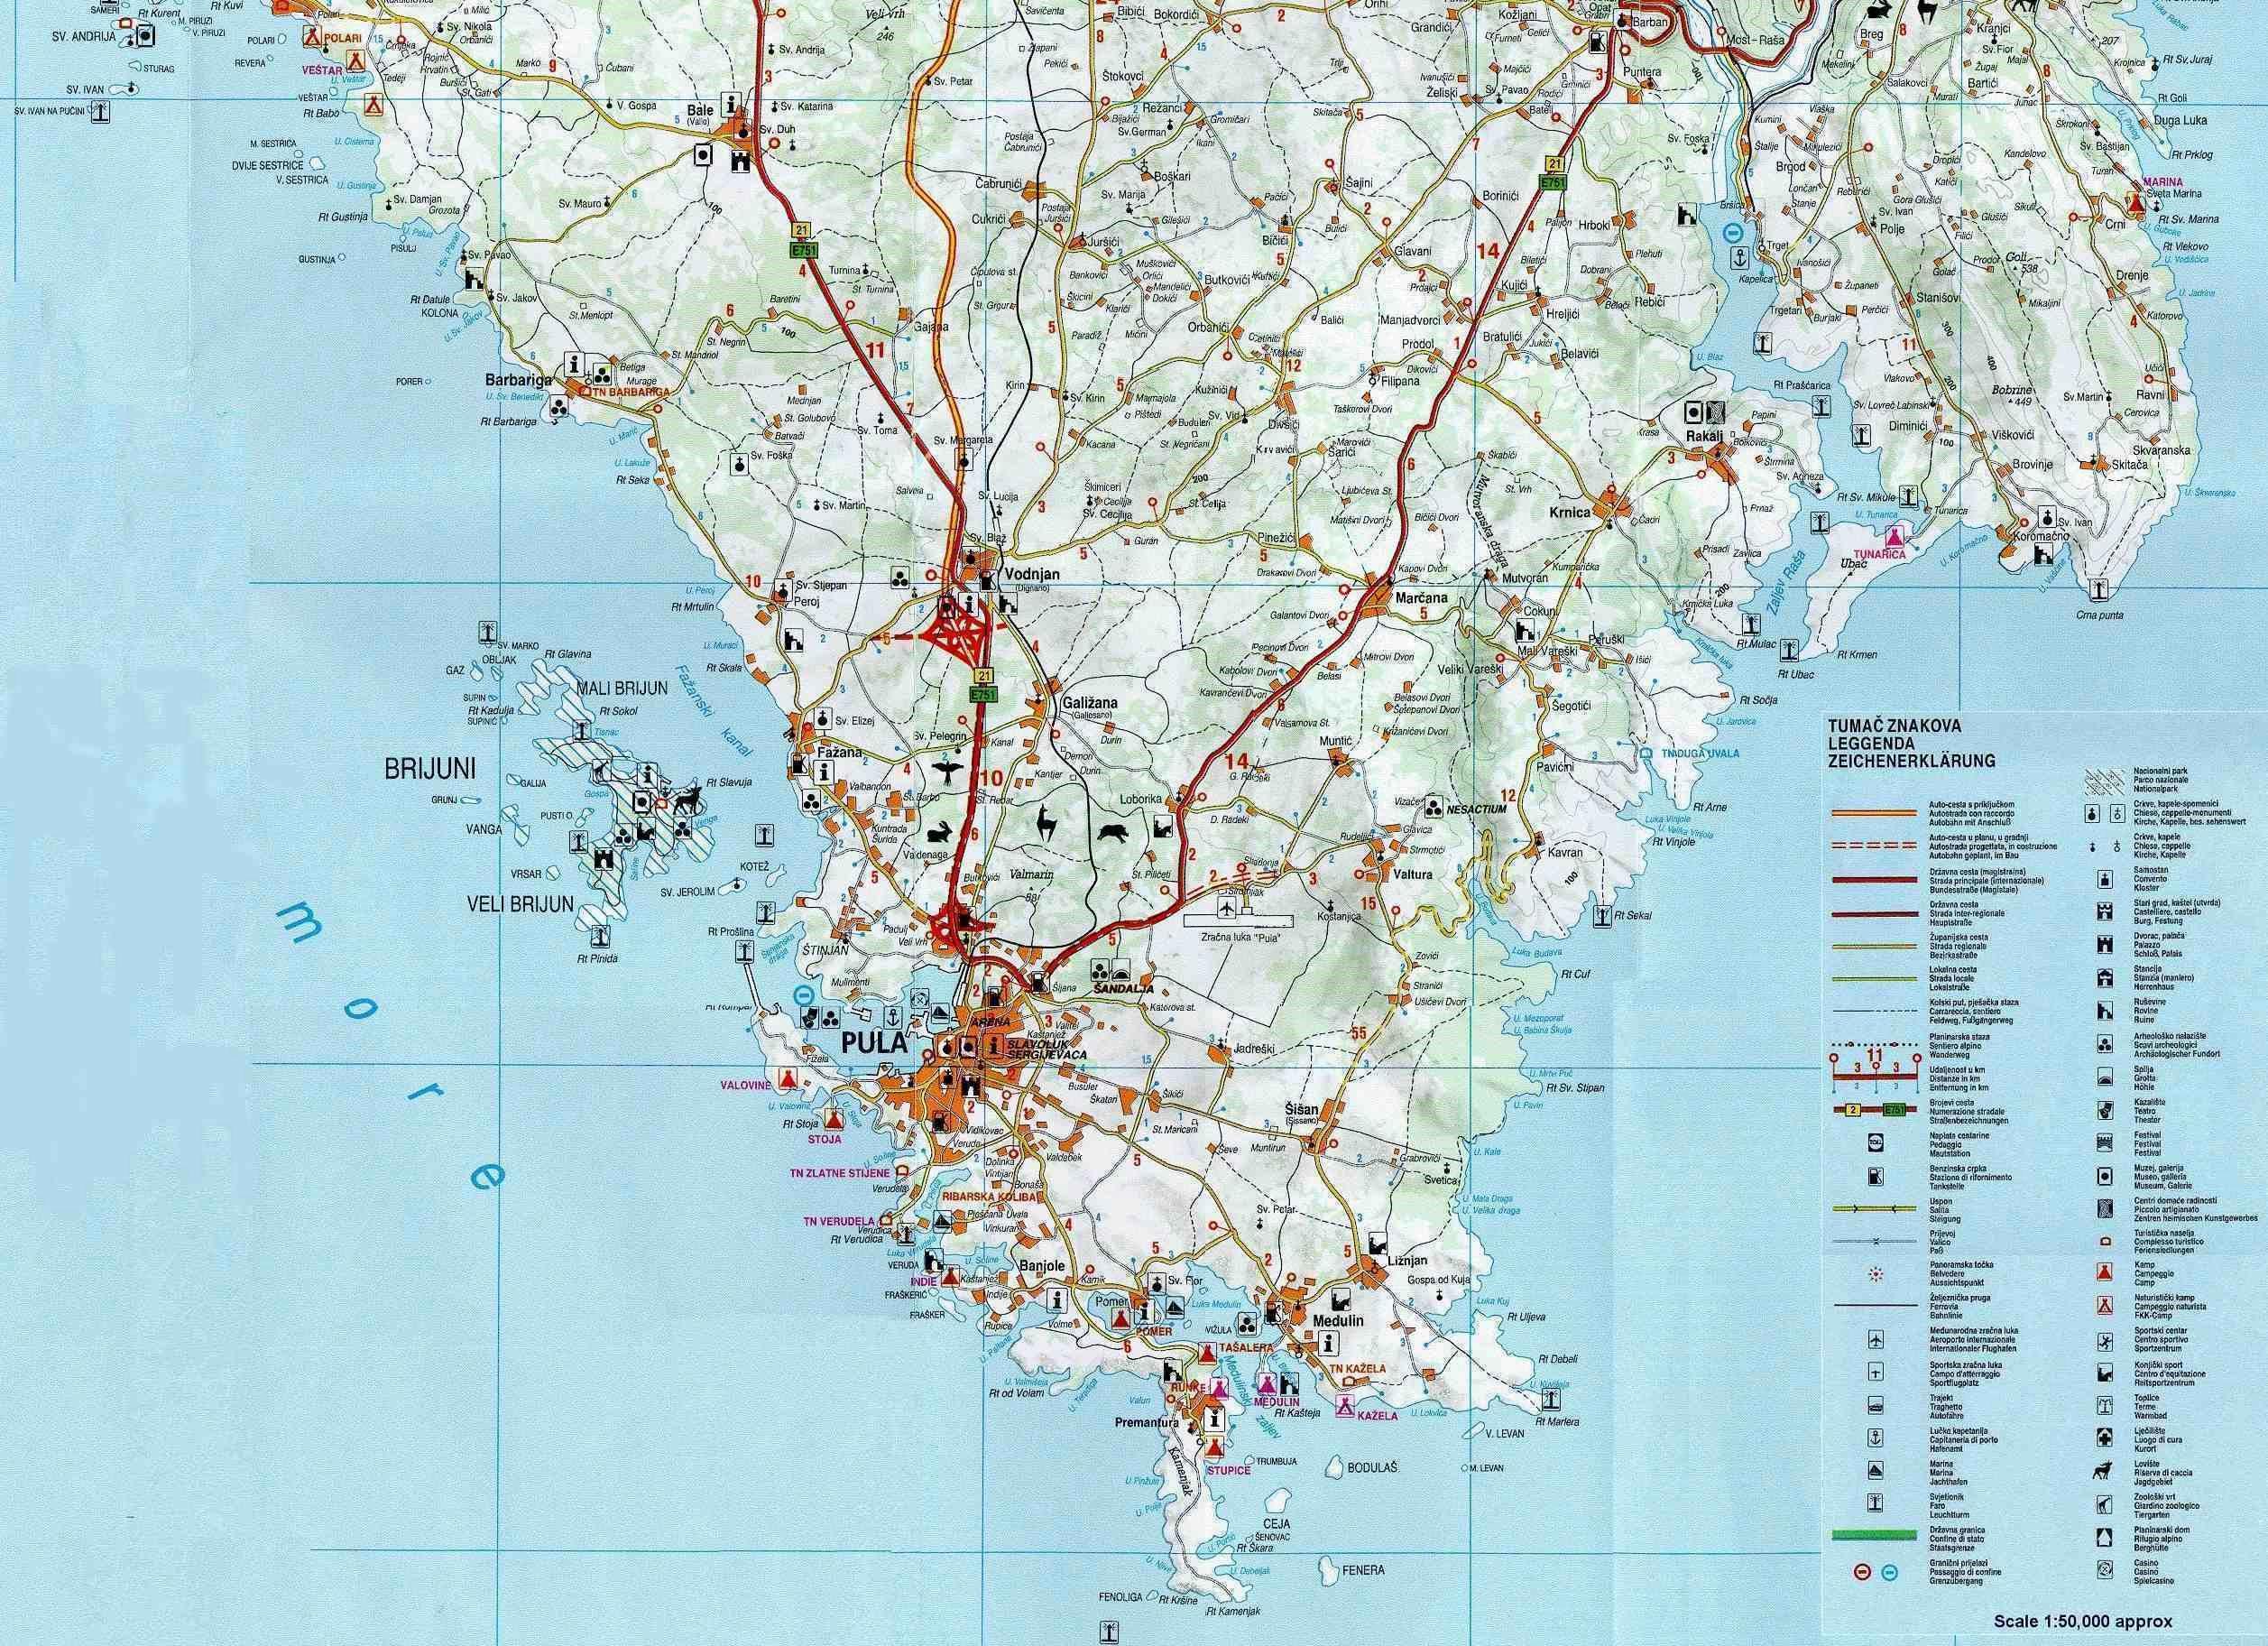 Karte Istrien Kroatien.Stadtplan Von Istrien Detaillierte Gedruckte Karten Von